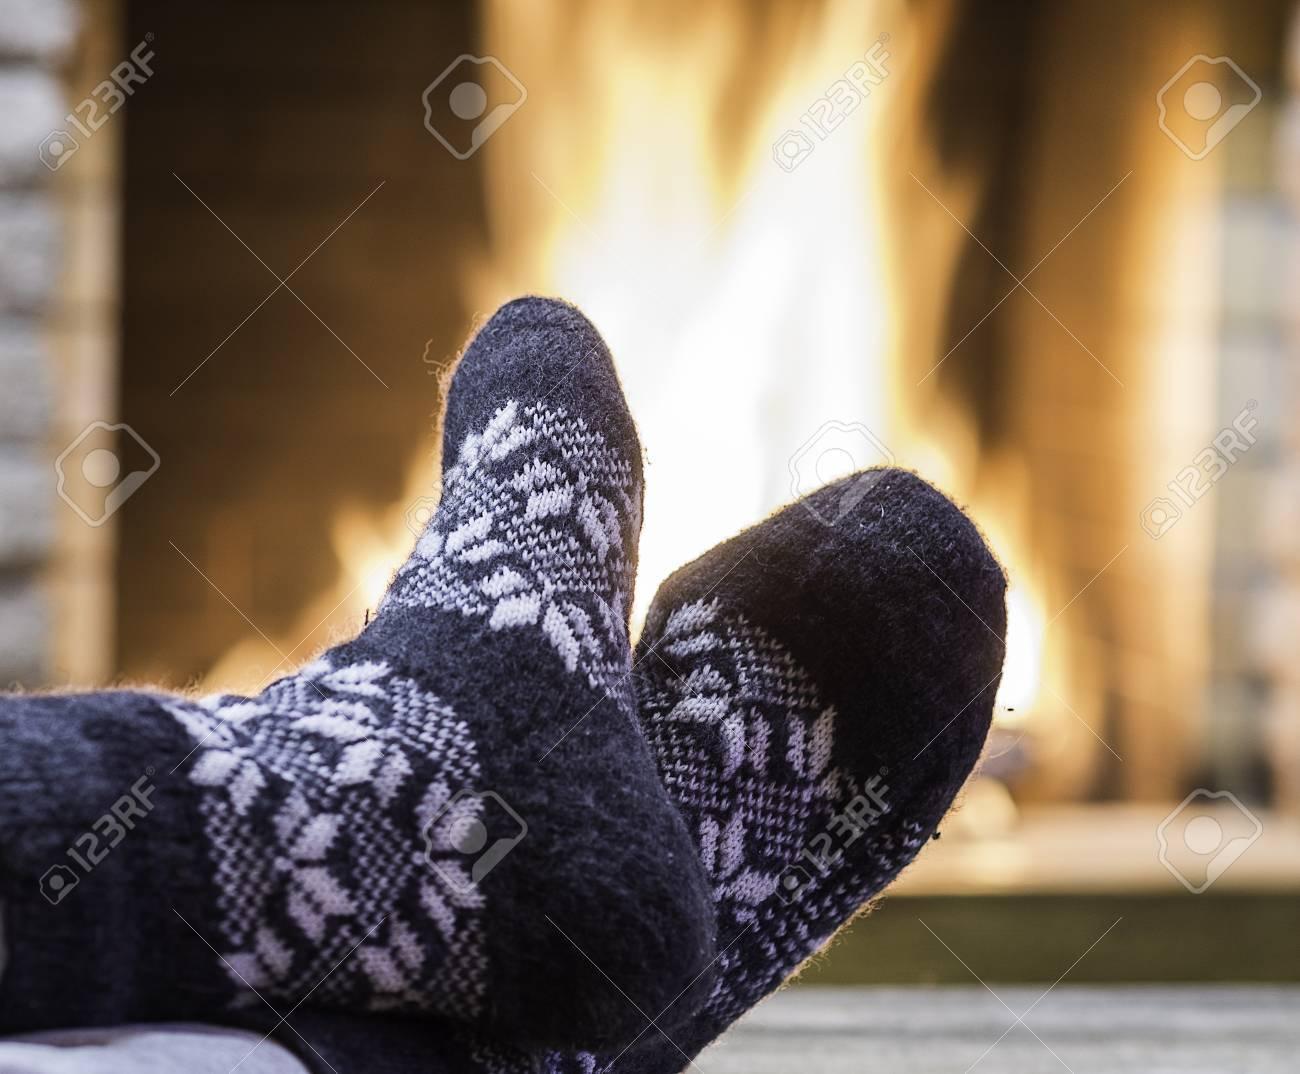 7b2154f82bb Banque d images - Pieds d homme en jolies chaussettes grises